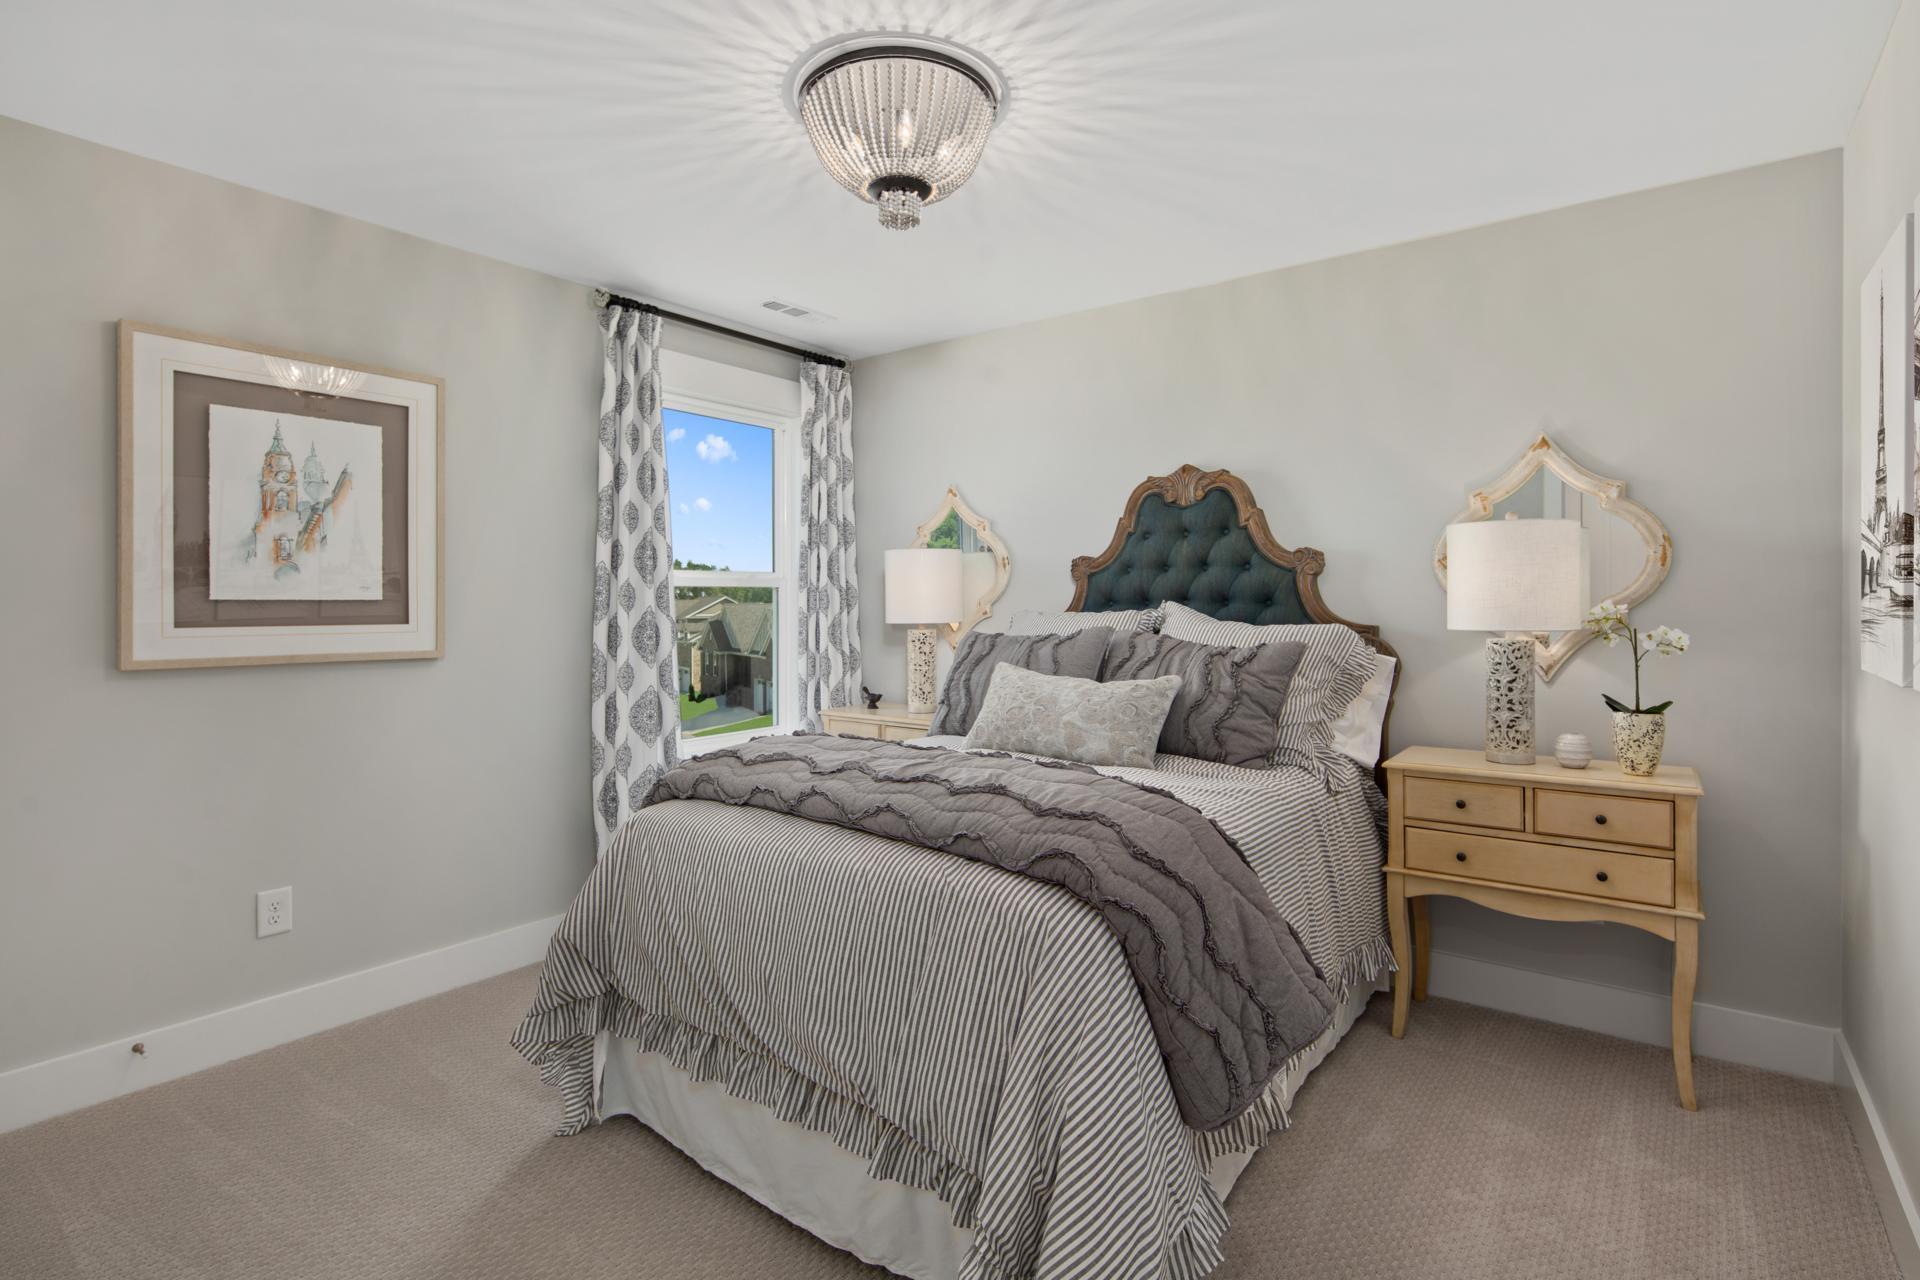 Bedroom 2:Everly Bedroom 2